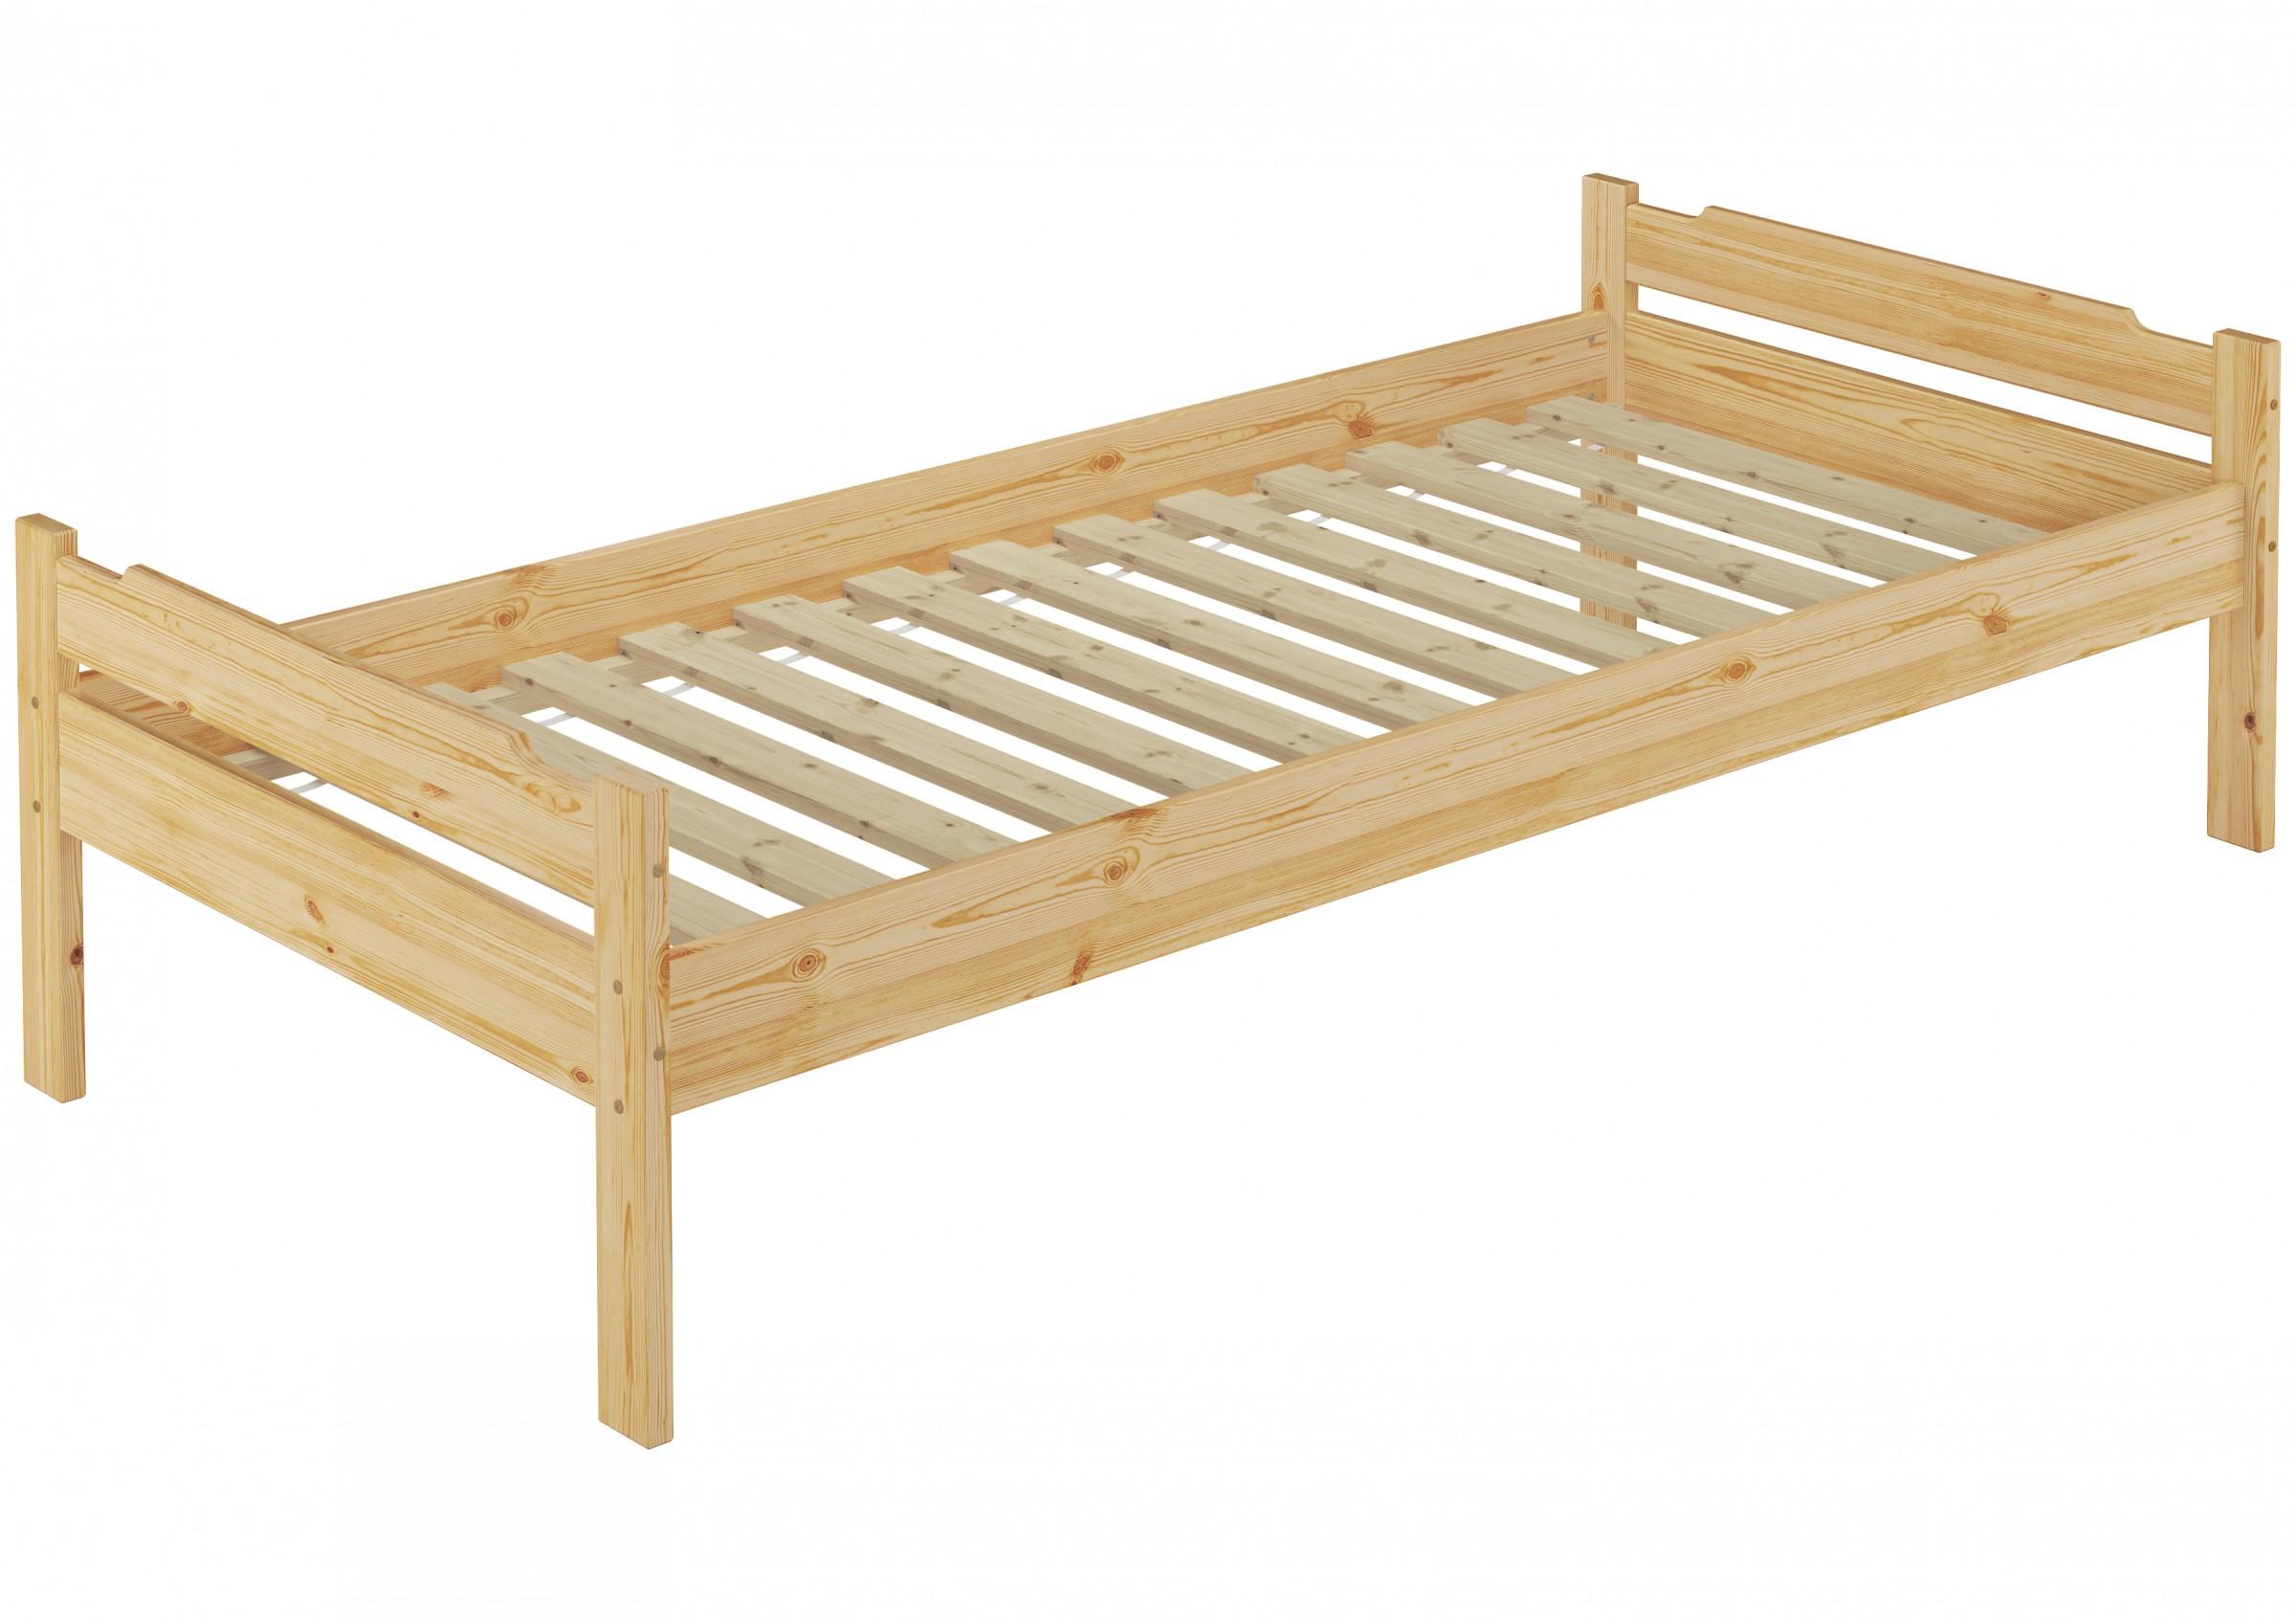 lit une personne lit pour jeunes pin massif 100x200 ch lit avec sommier lattes ebay. Black Bedroom Furniture Sets. Home Design Ideas